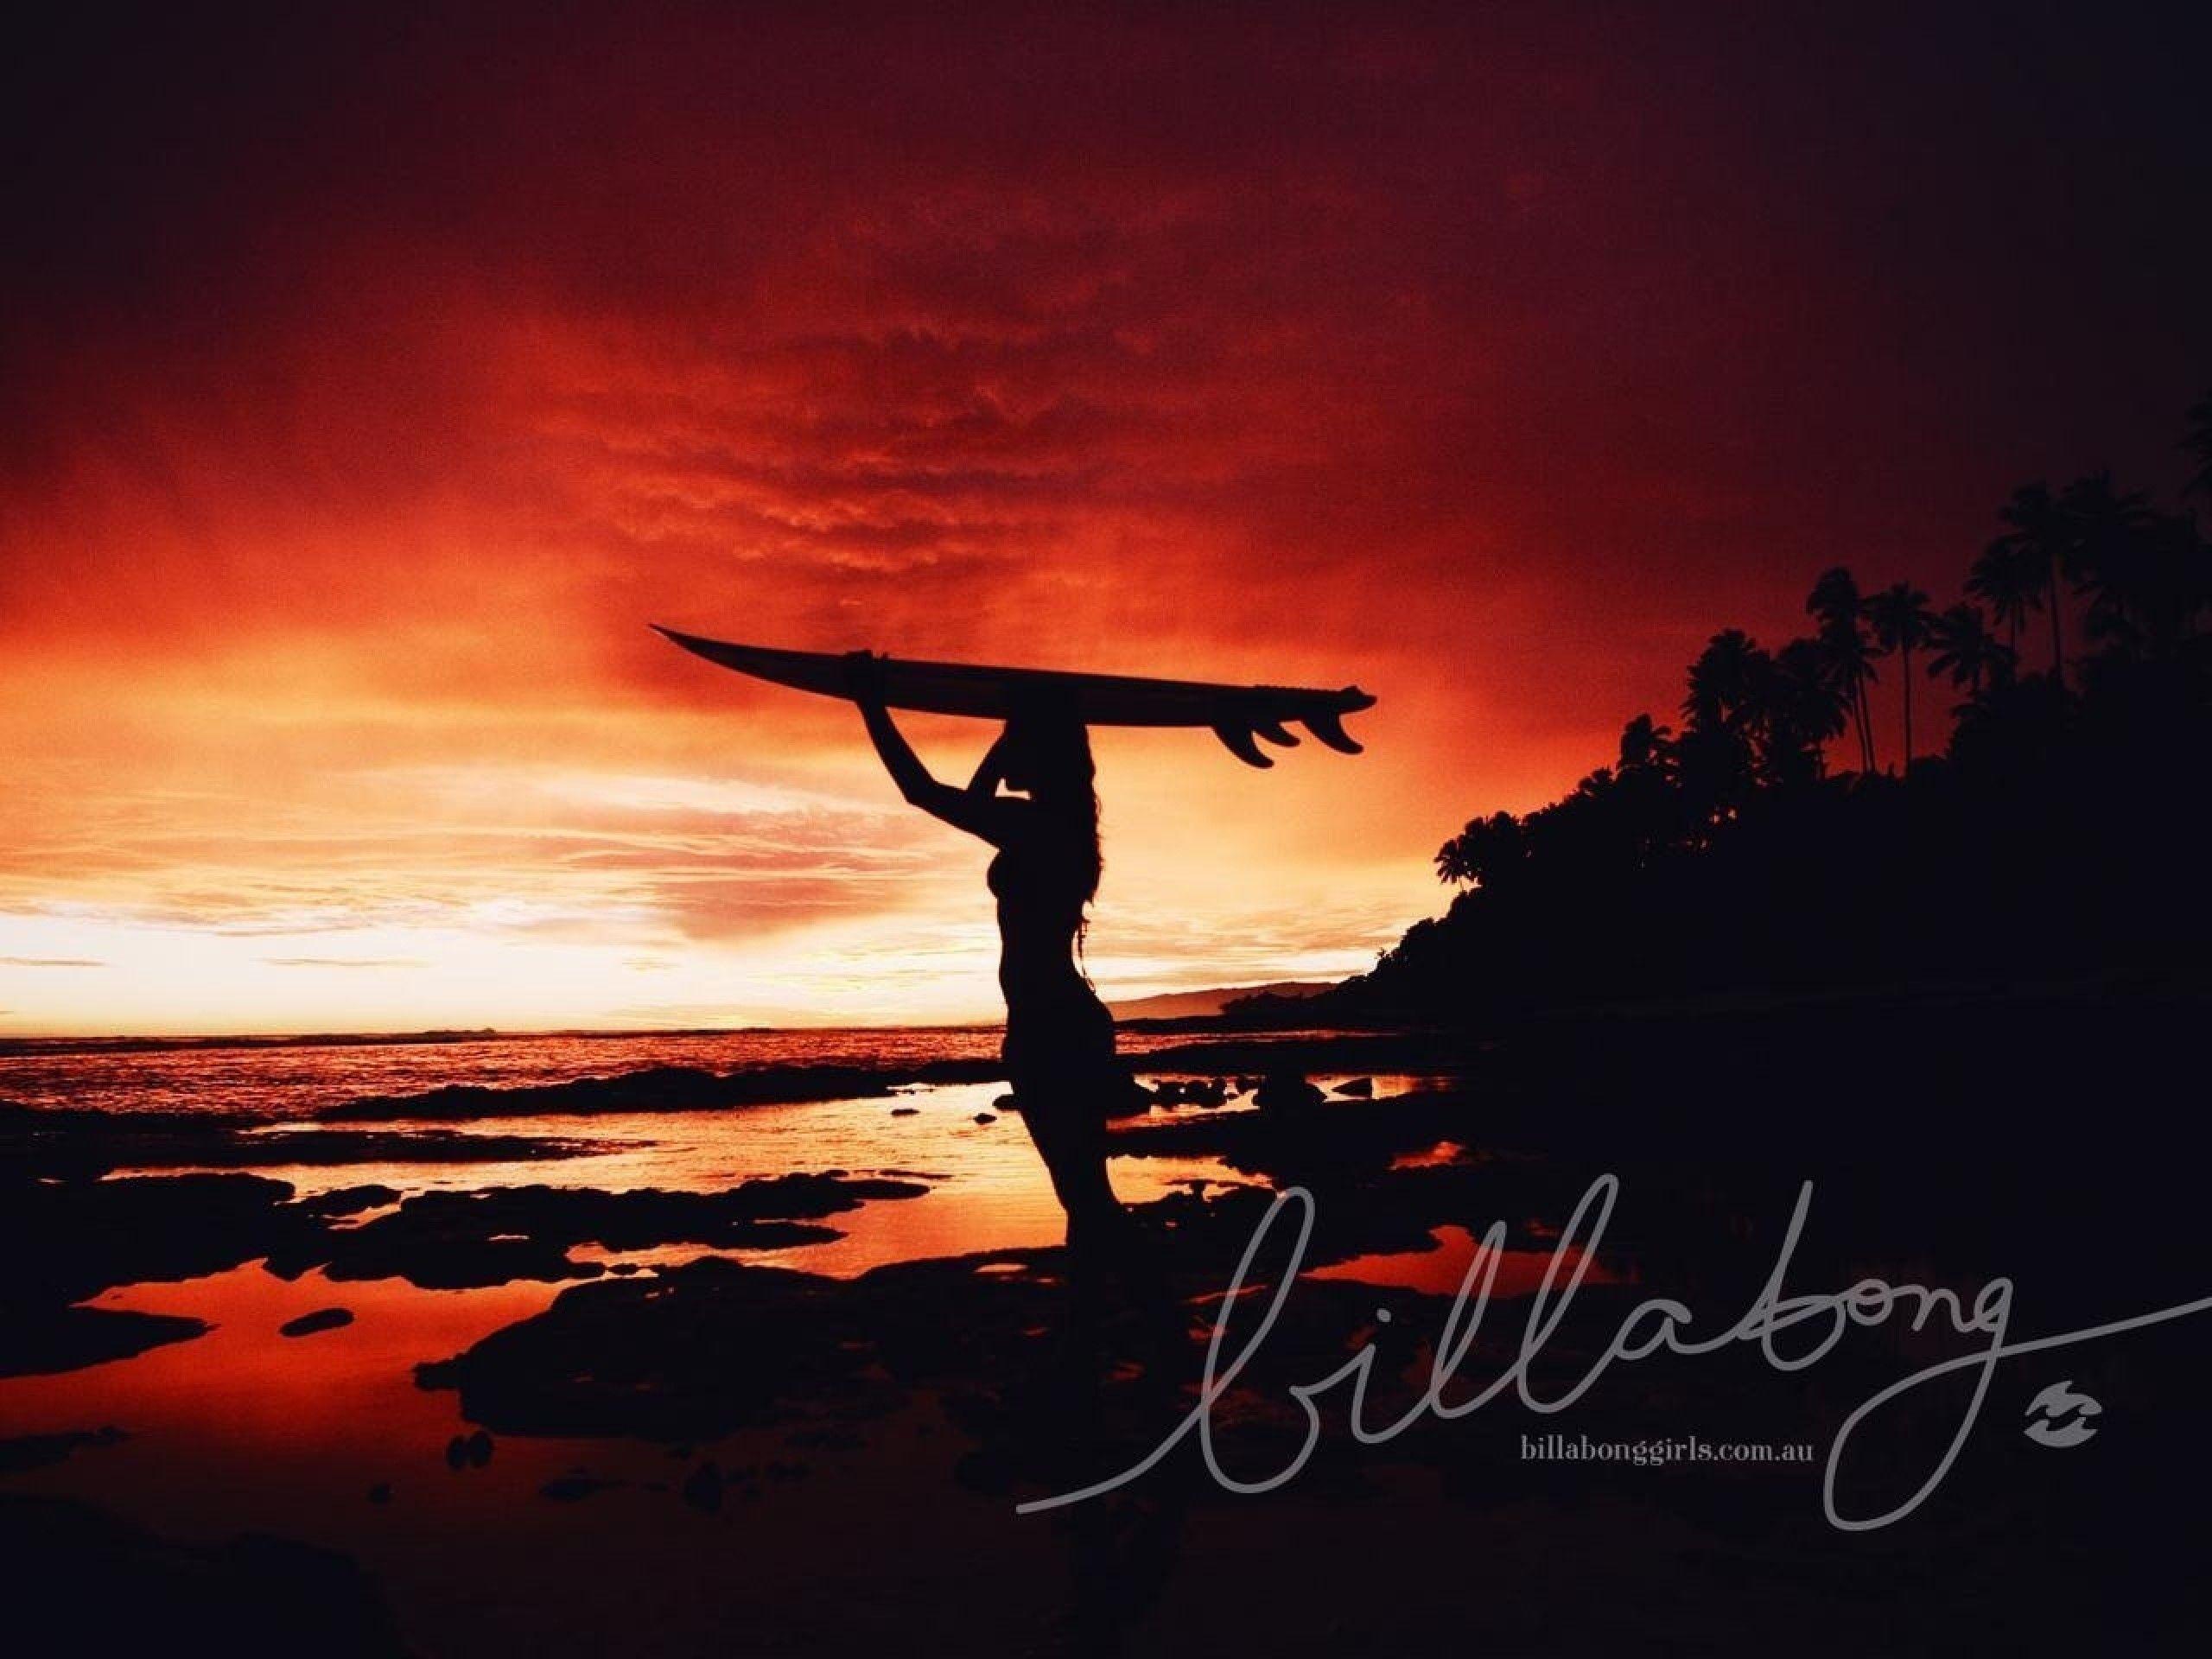 2560x1920 Beach Surfing Australia Billabong 1280x960 Wallpaper Art